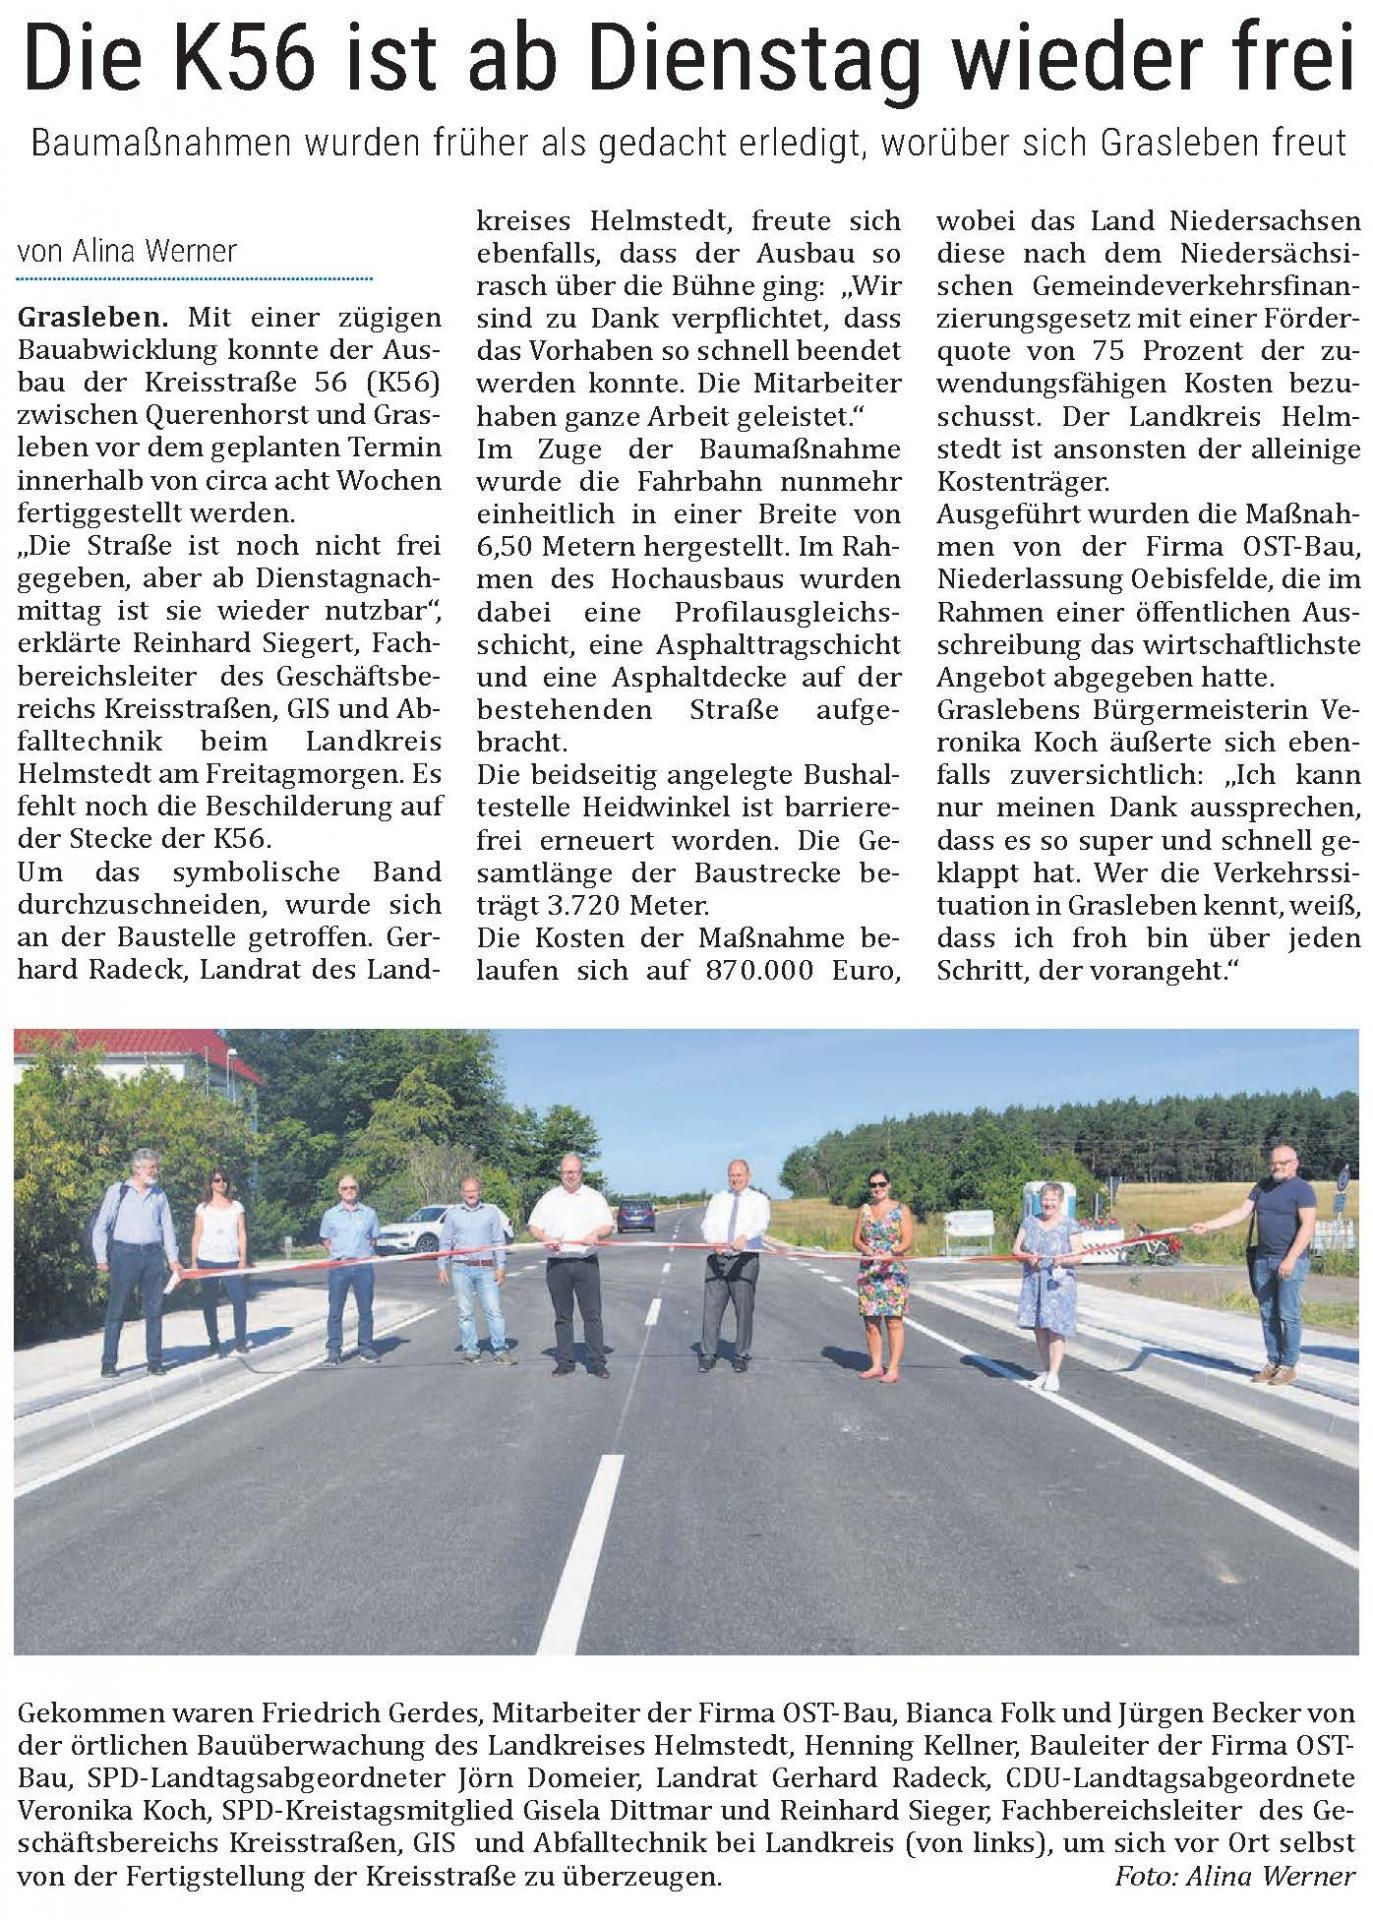 Artikel aus dem Helmstedter Sonntag vom 02.08.2020 (Autorin: Alina Werner)